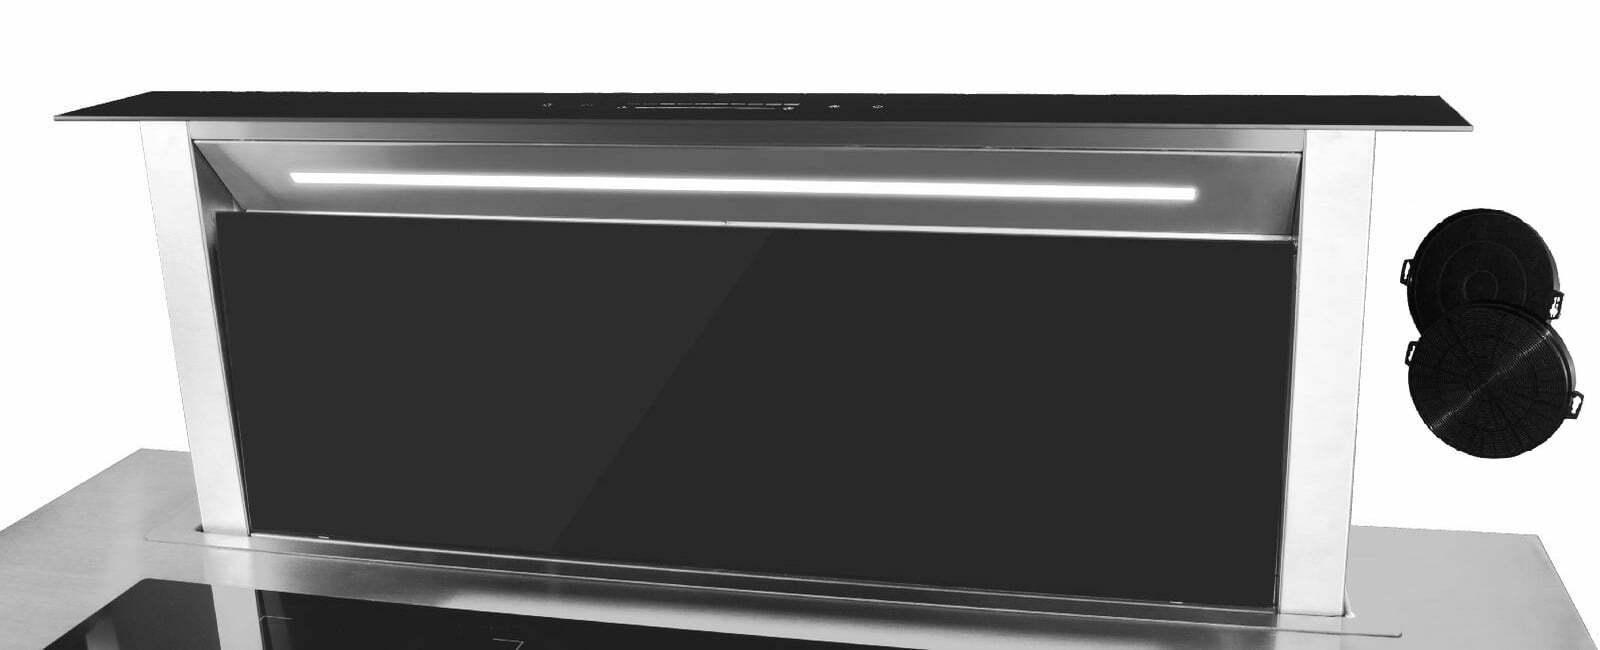 Automatyczny okap kuchenny downdraft wysuwany blatowy SCHILD DK900 pochłaniacz